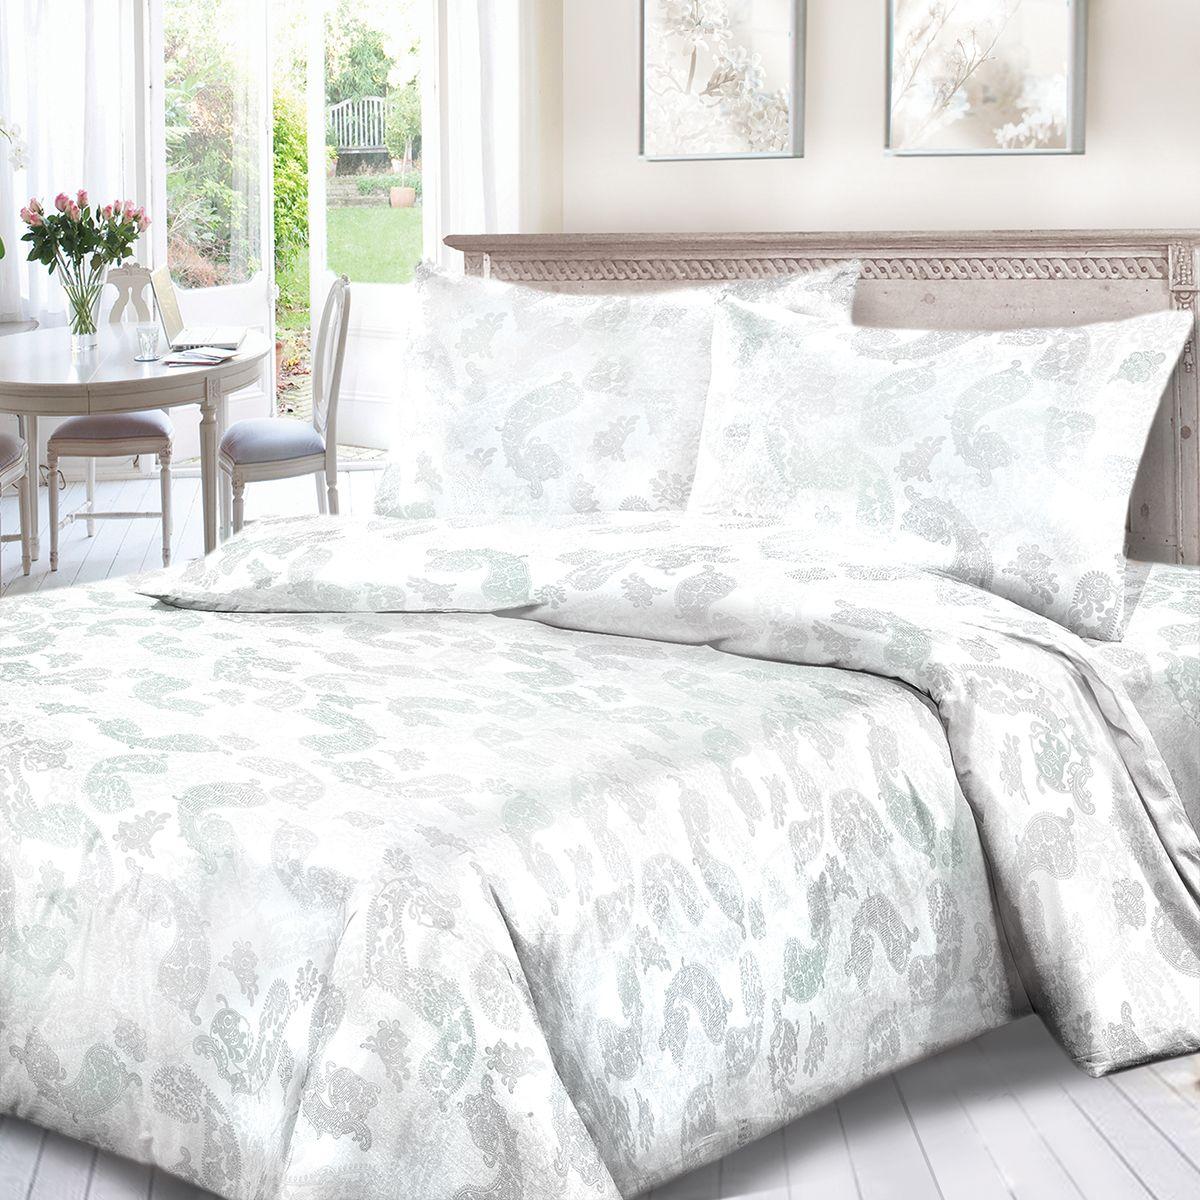 Комплект белья Сорренто Жаккард, 1,5 спальное, наволочки 70x70, цвет: белый. 3558-187884